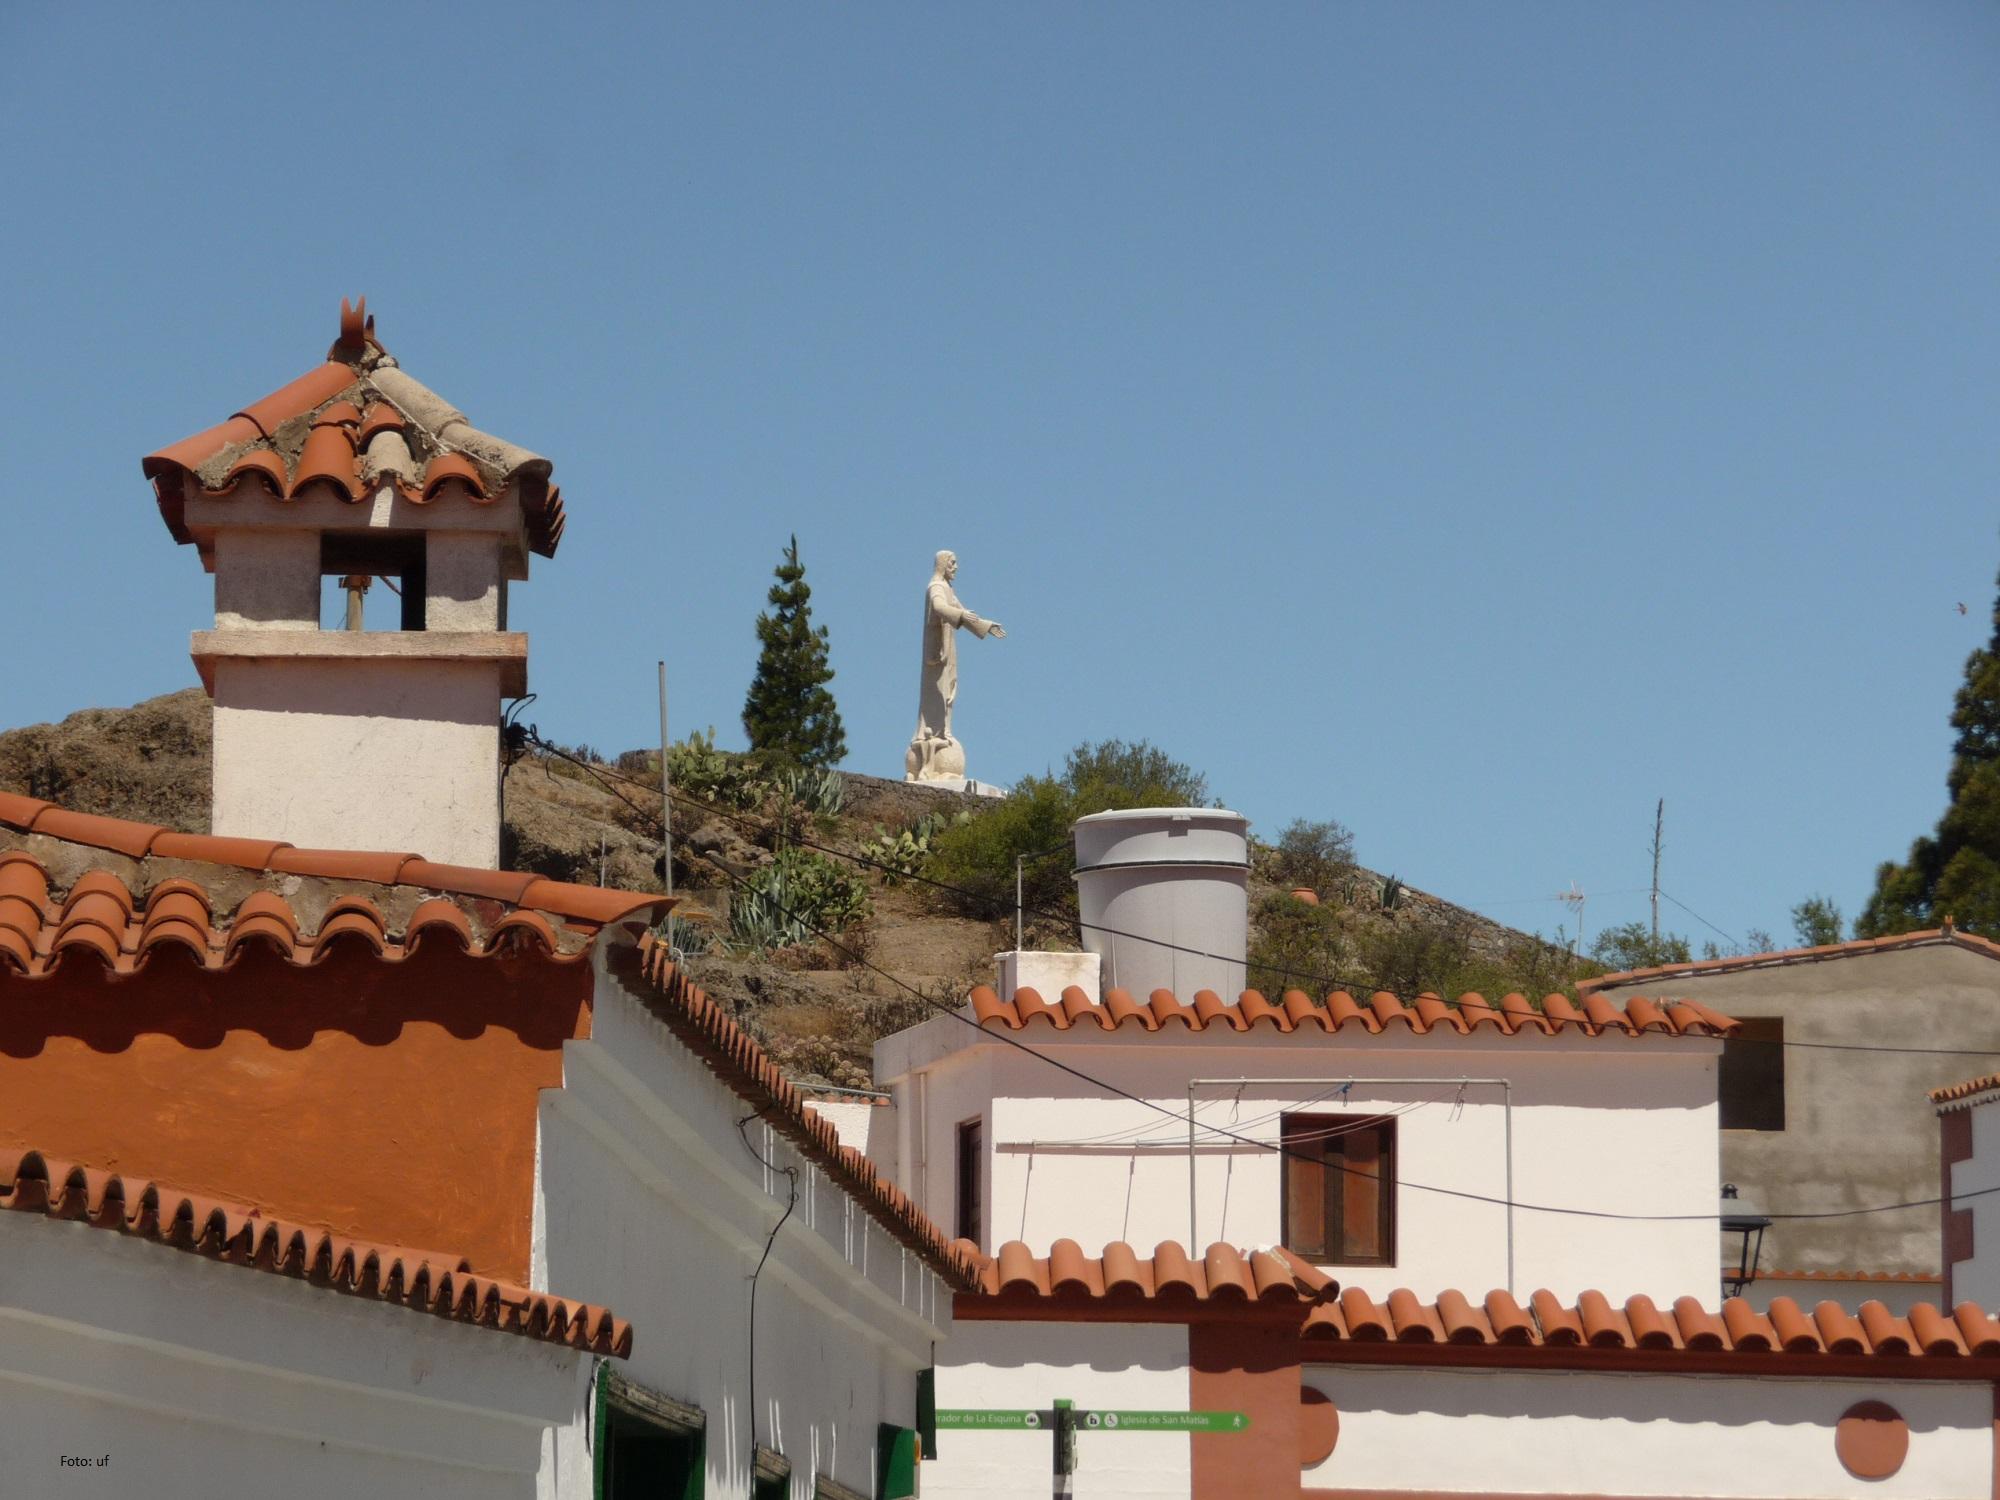 Christus-Statue bei Artenara, das höchste Dorf der Insel in 1220 m Höhe